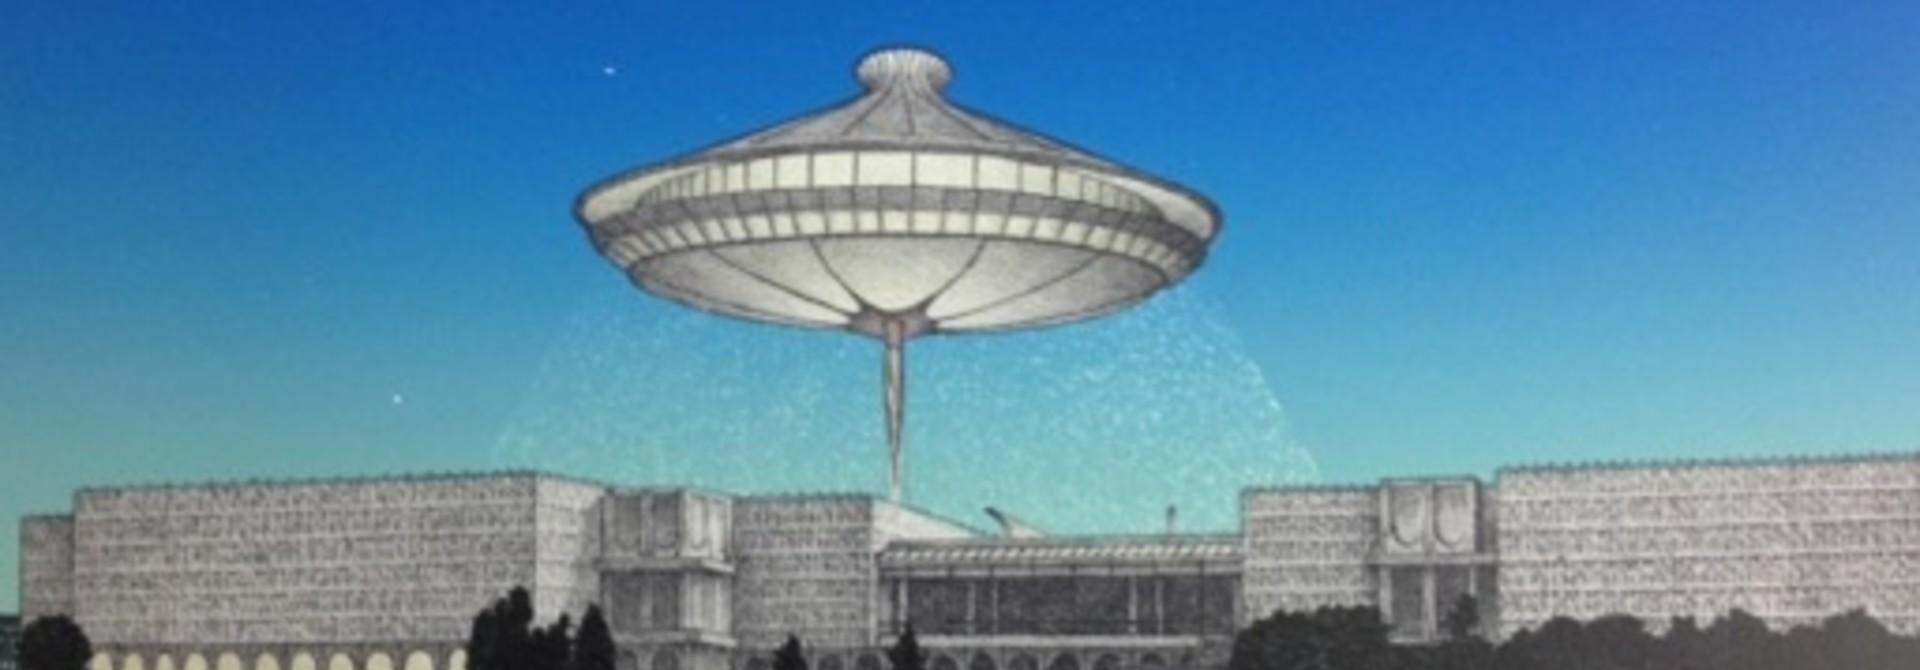 Planetarium Space Centre